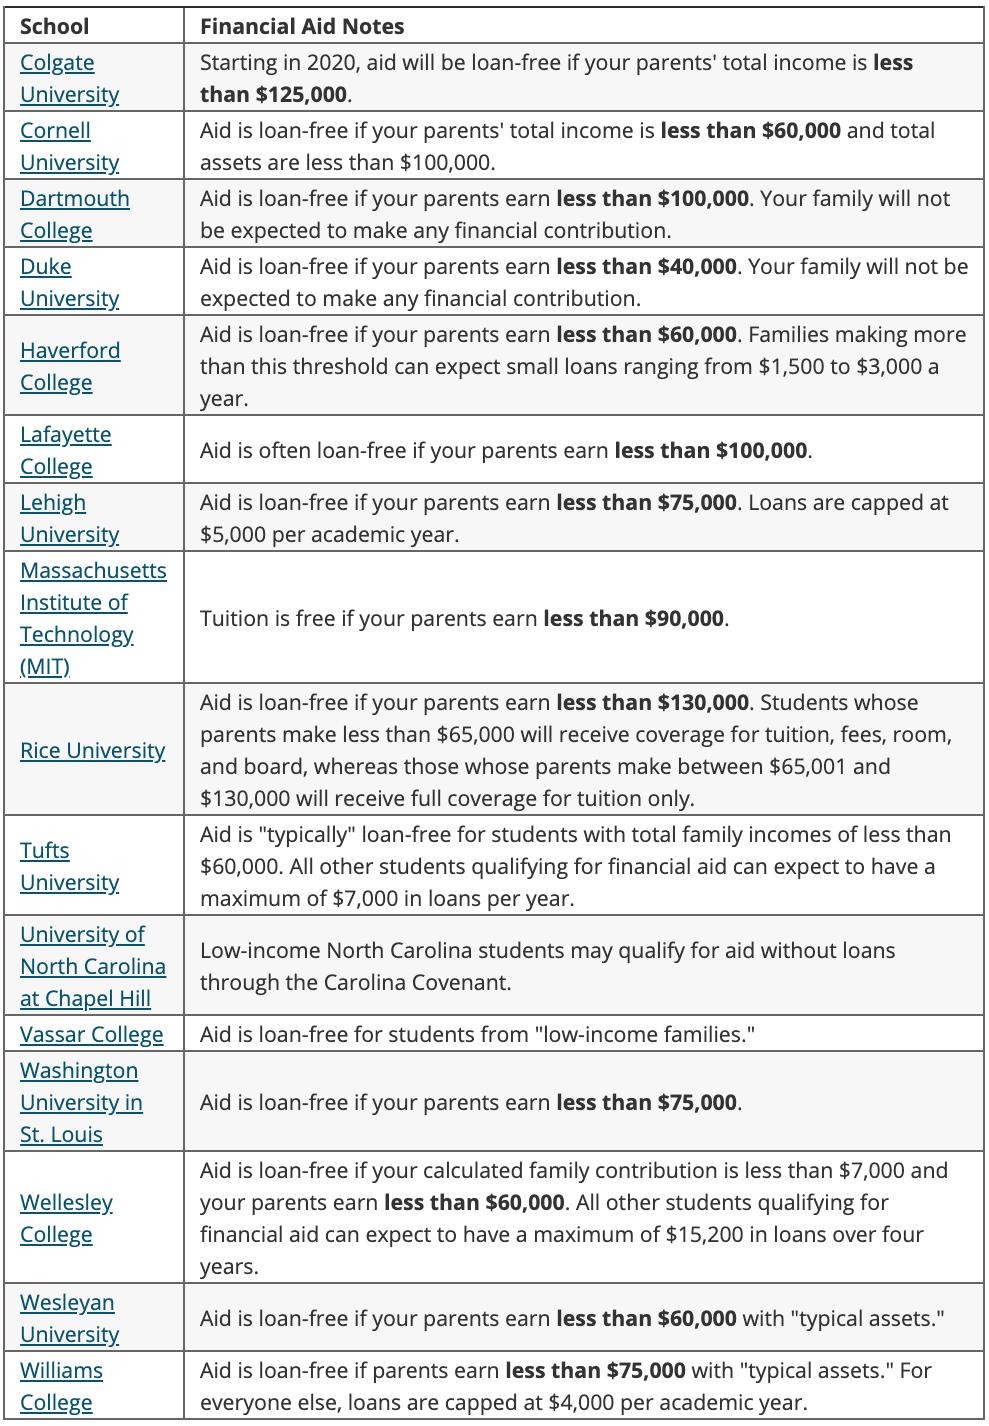 Ejemplos de ayuda financiera universitaria